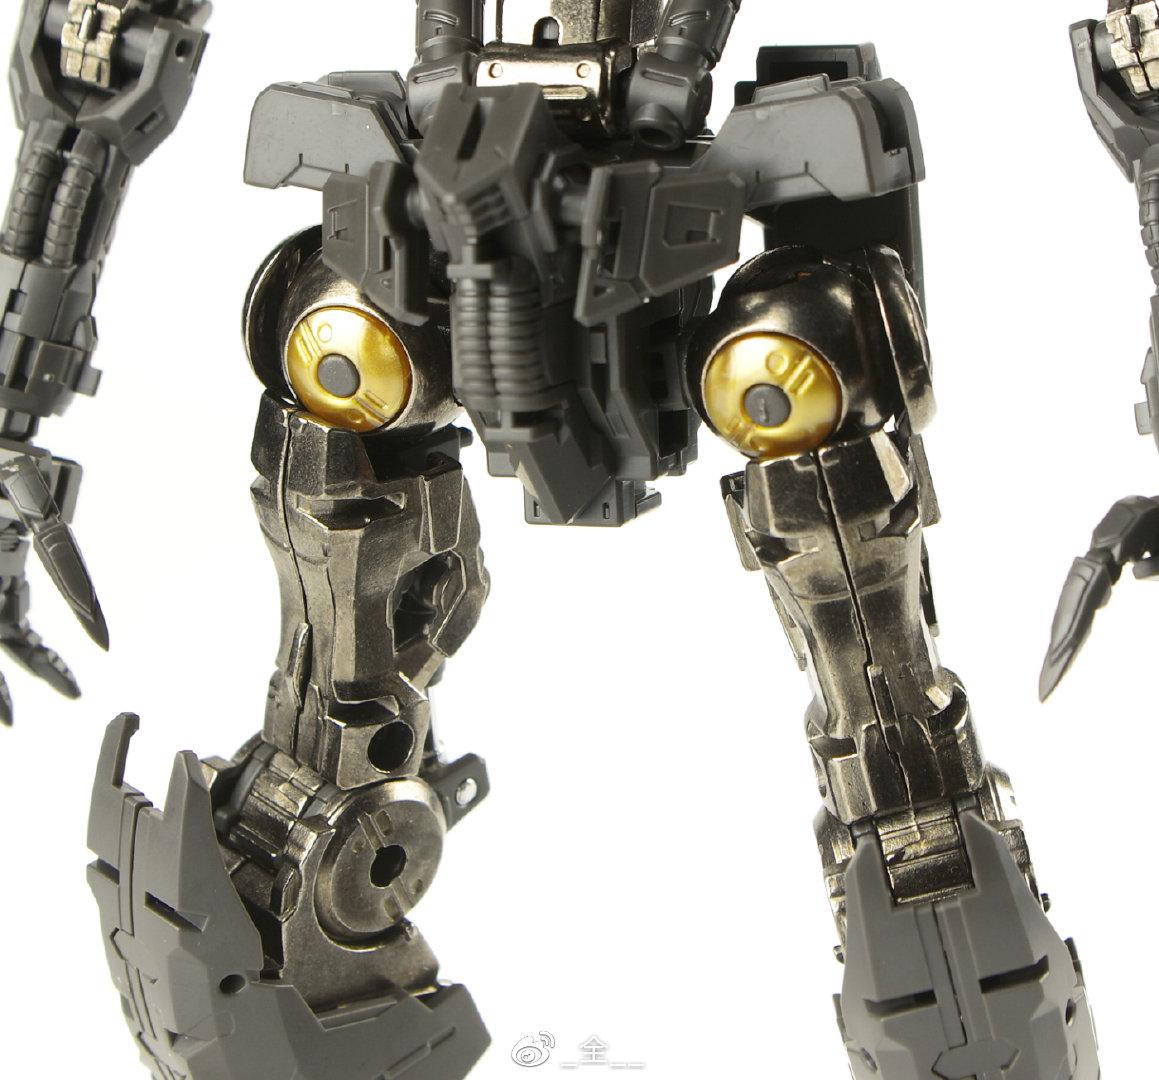 M103_mg_barbatos_metal_frame_parts_set_009_032.jpg